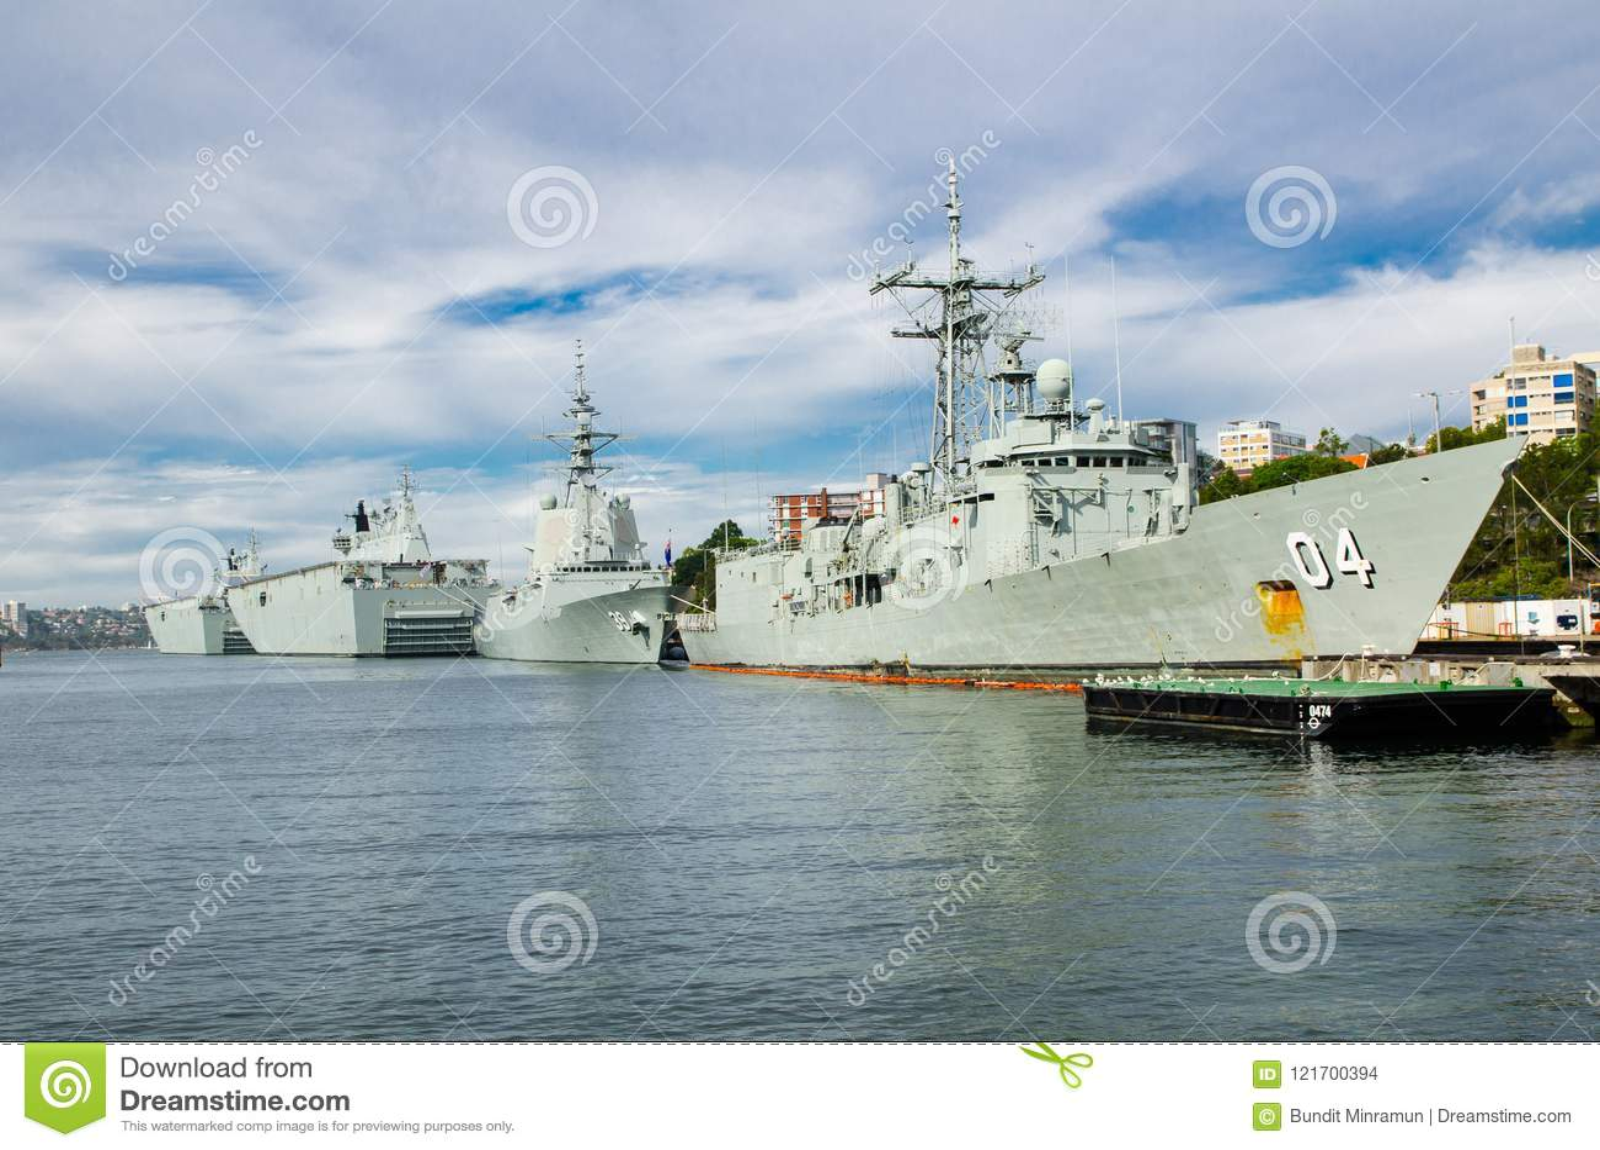 A amarração da navio de guerra em bases da frota principal da marinha australiana real CORREU estabelecimentos e as facilidades a